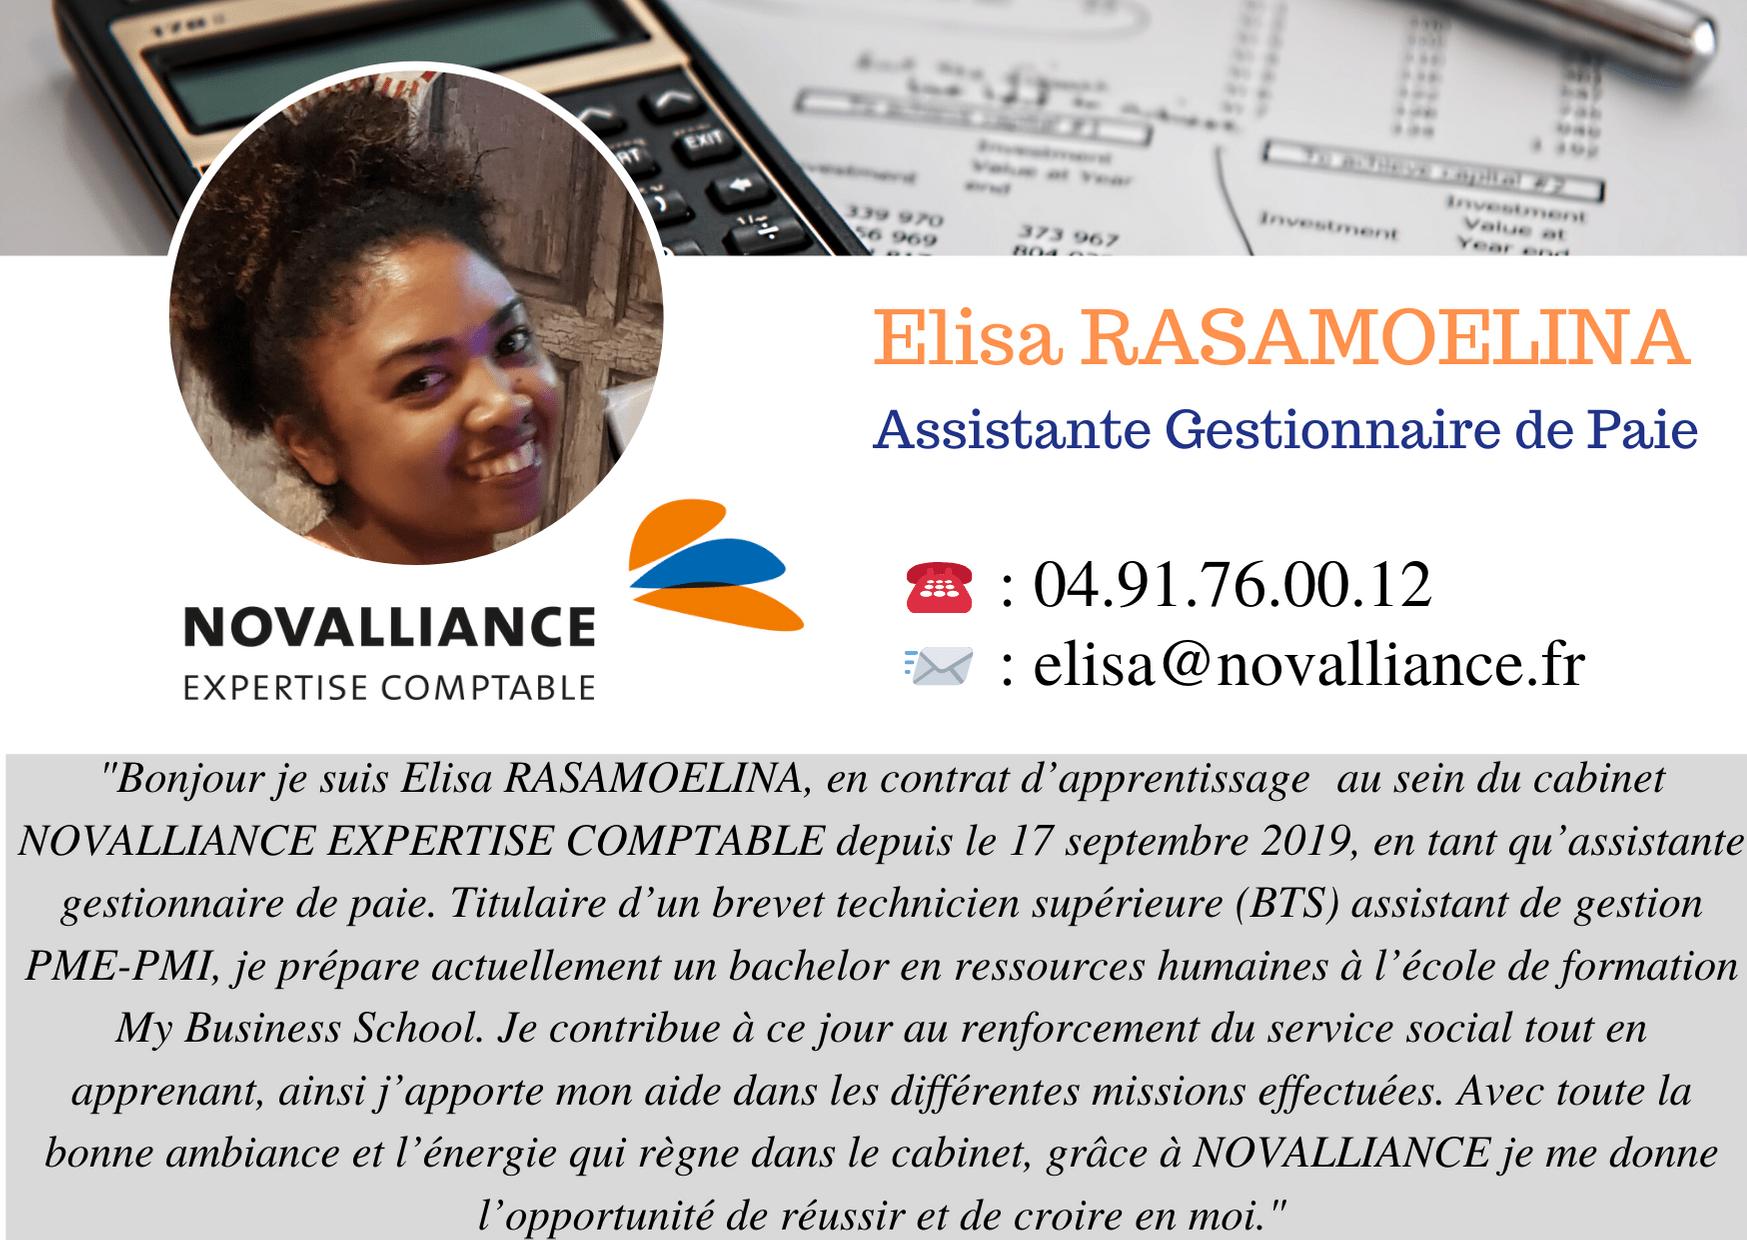 Fiche Assistante Gestionnaire de Paie Elisa RASAMOELINA